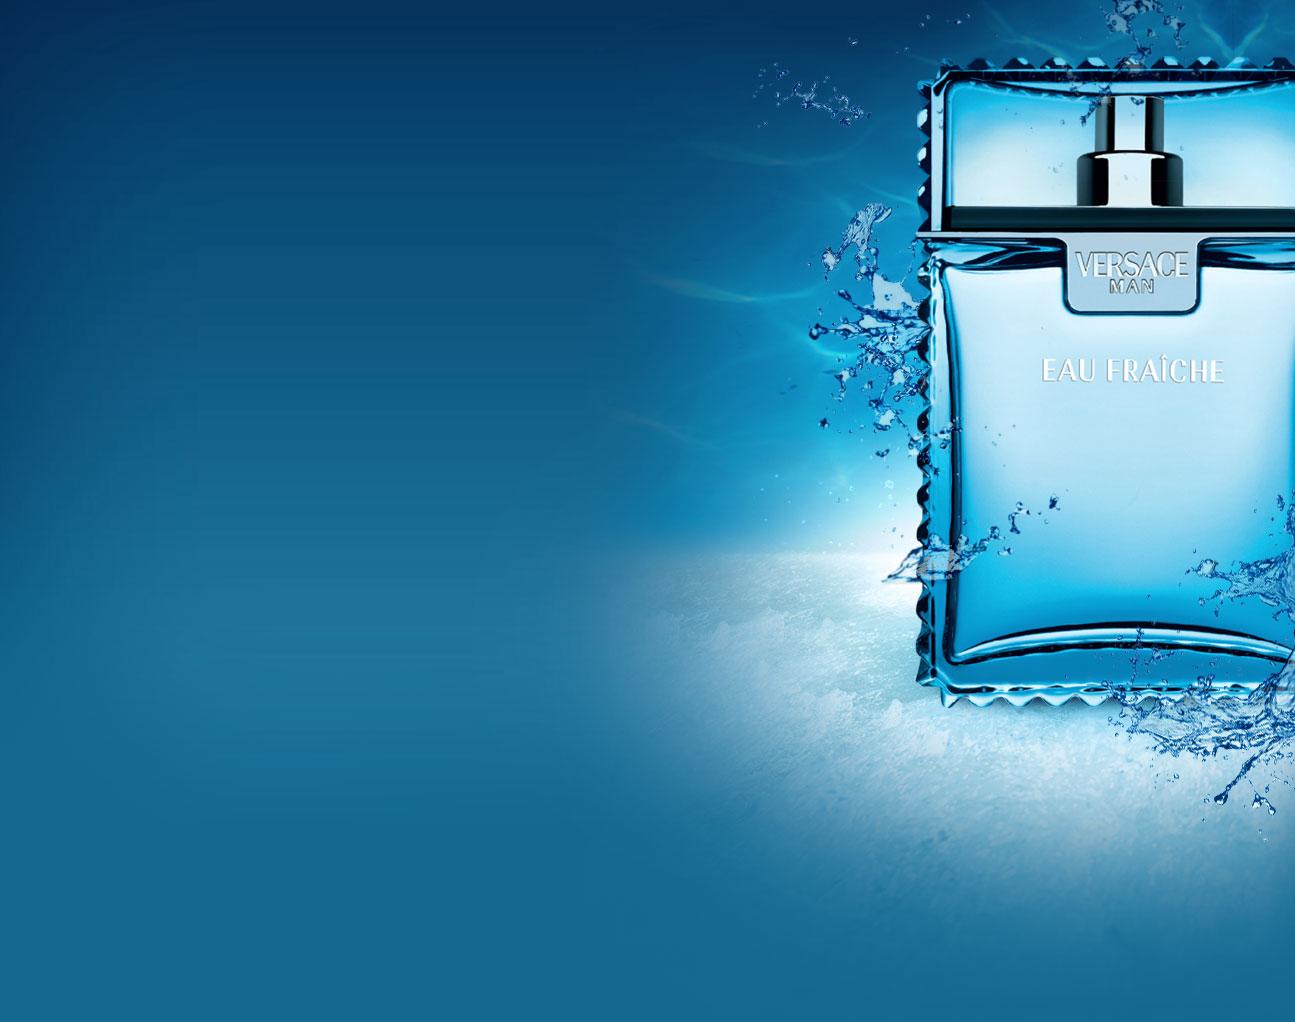 versace_eau_fraiche_2.jpg